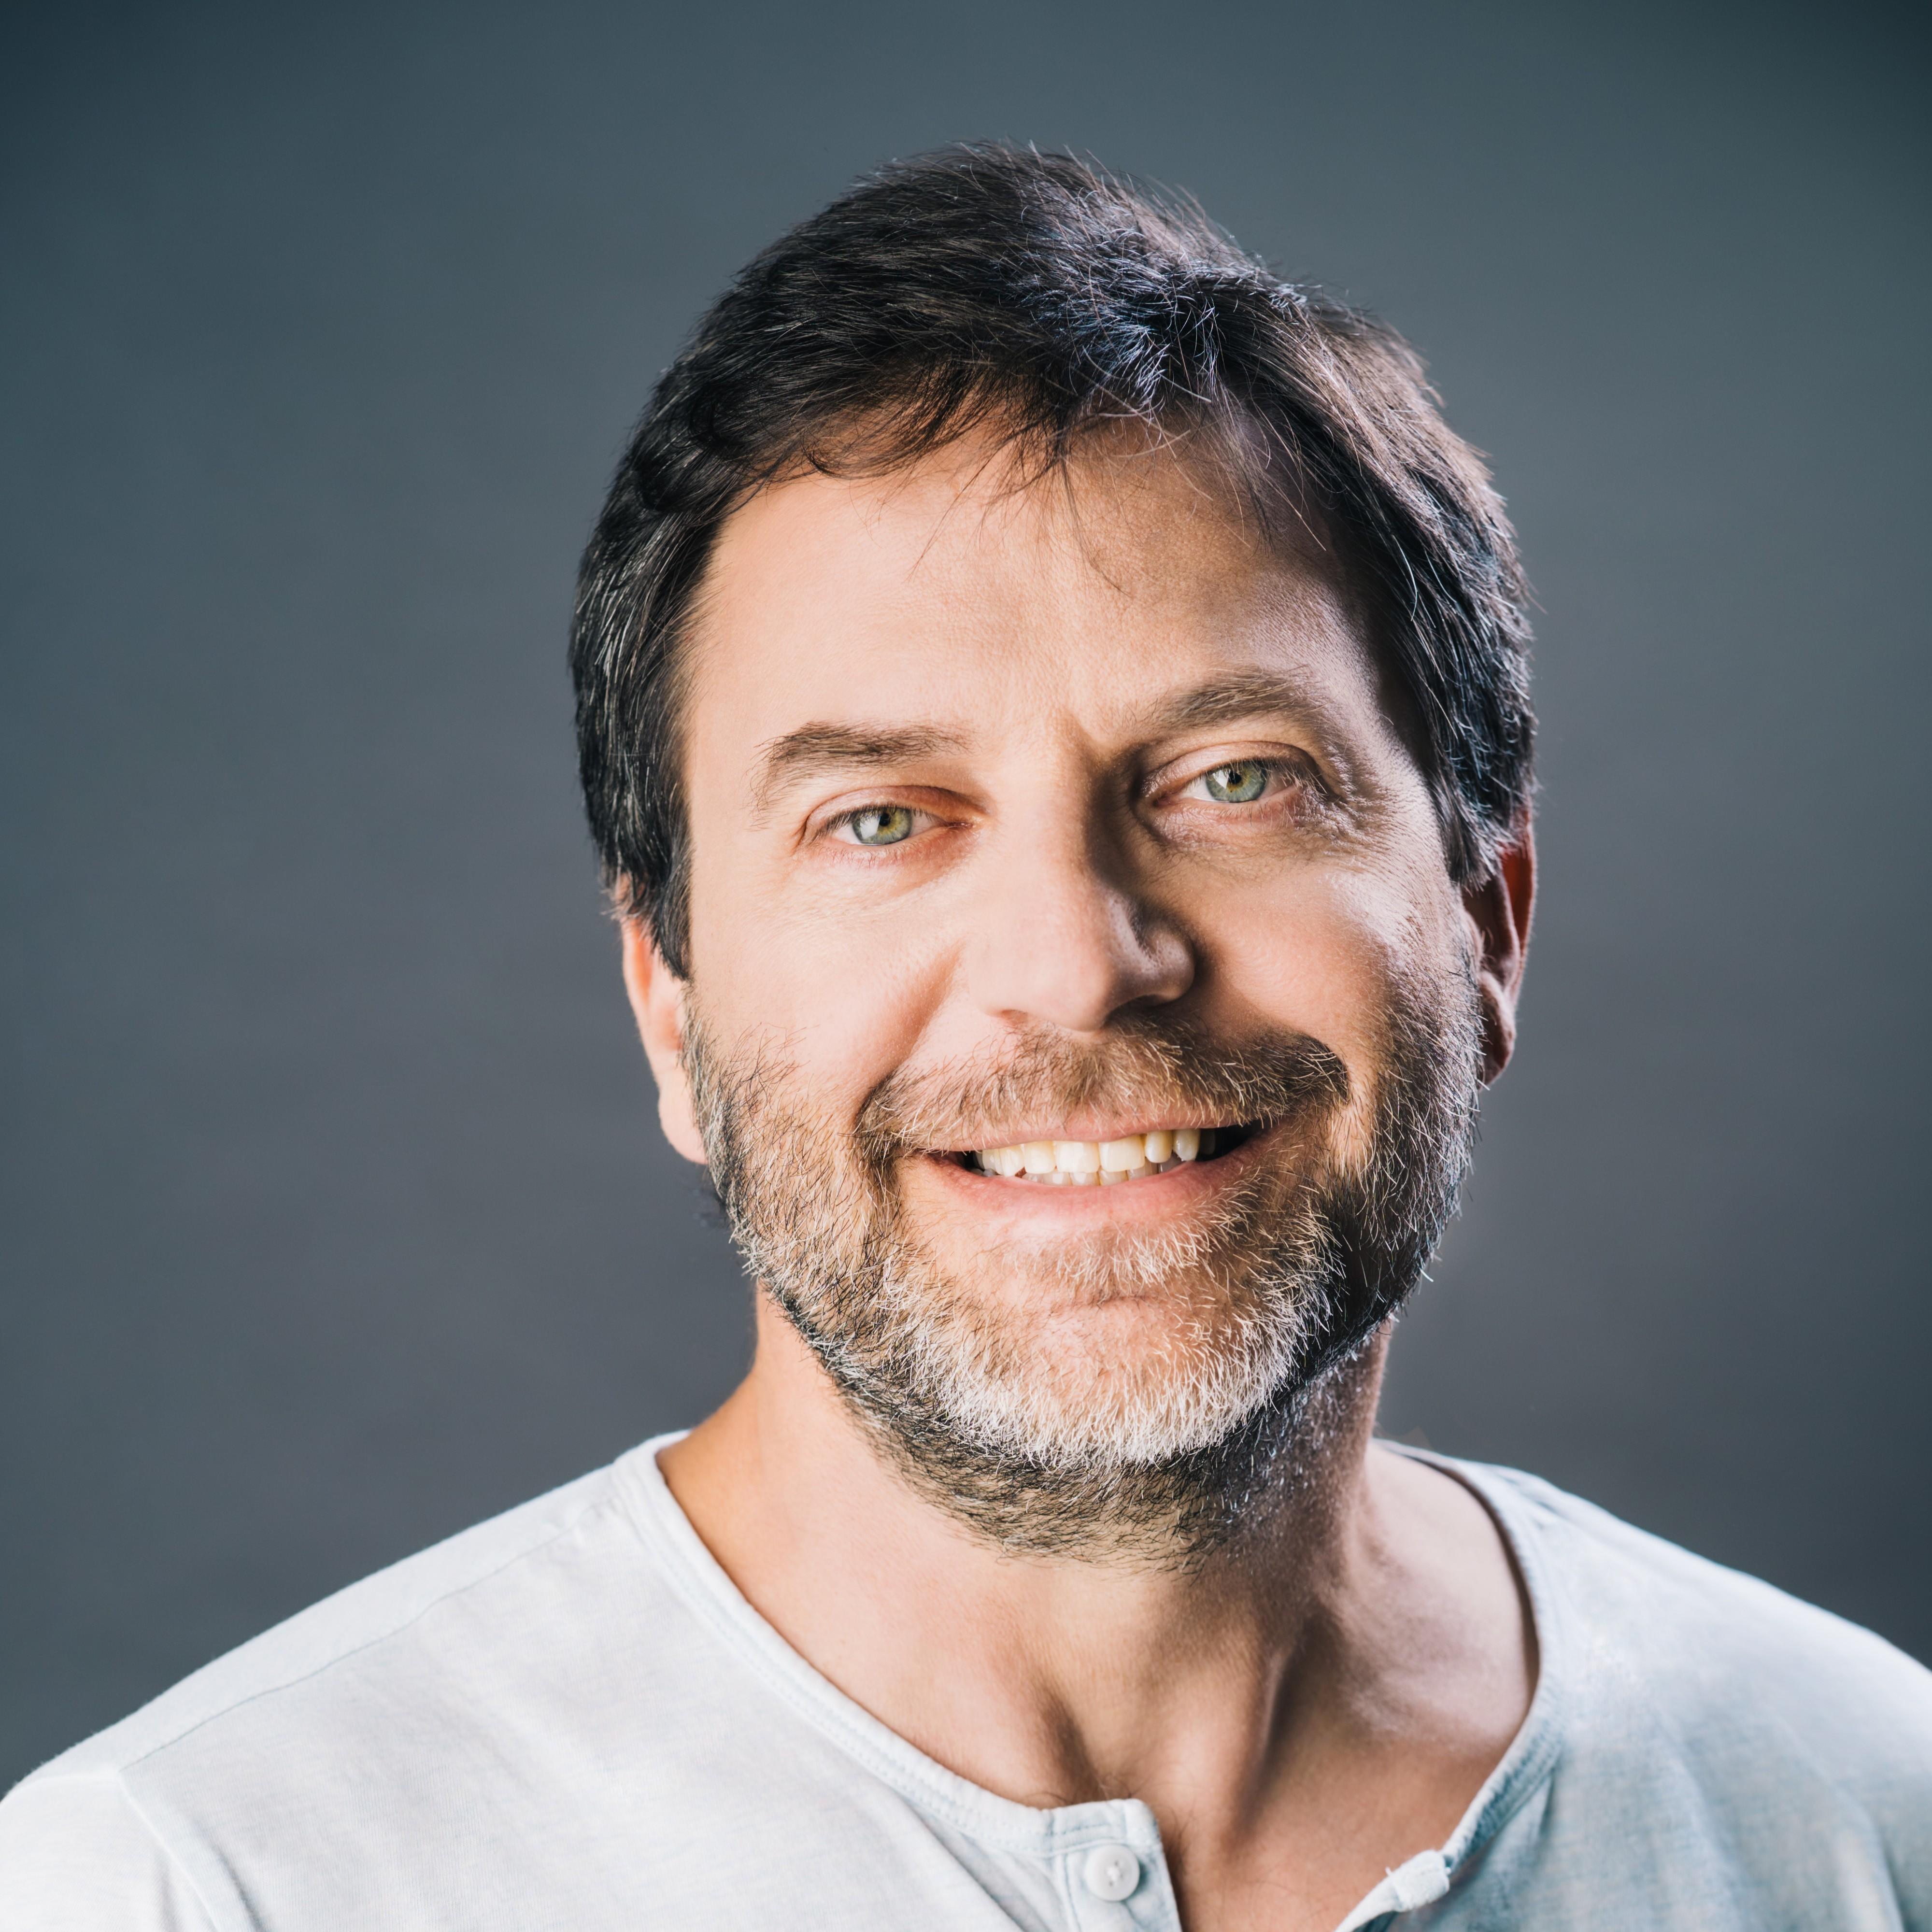 Photo of Yehuda Elram